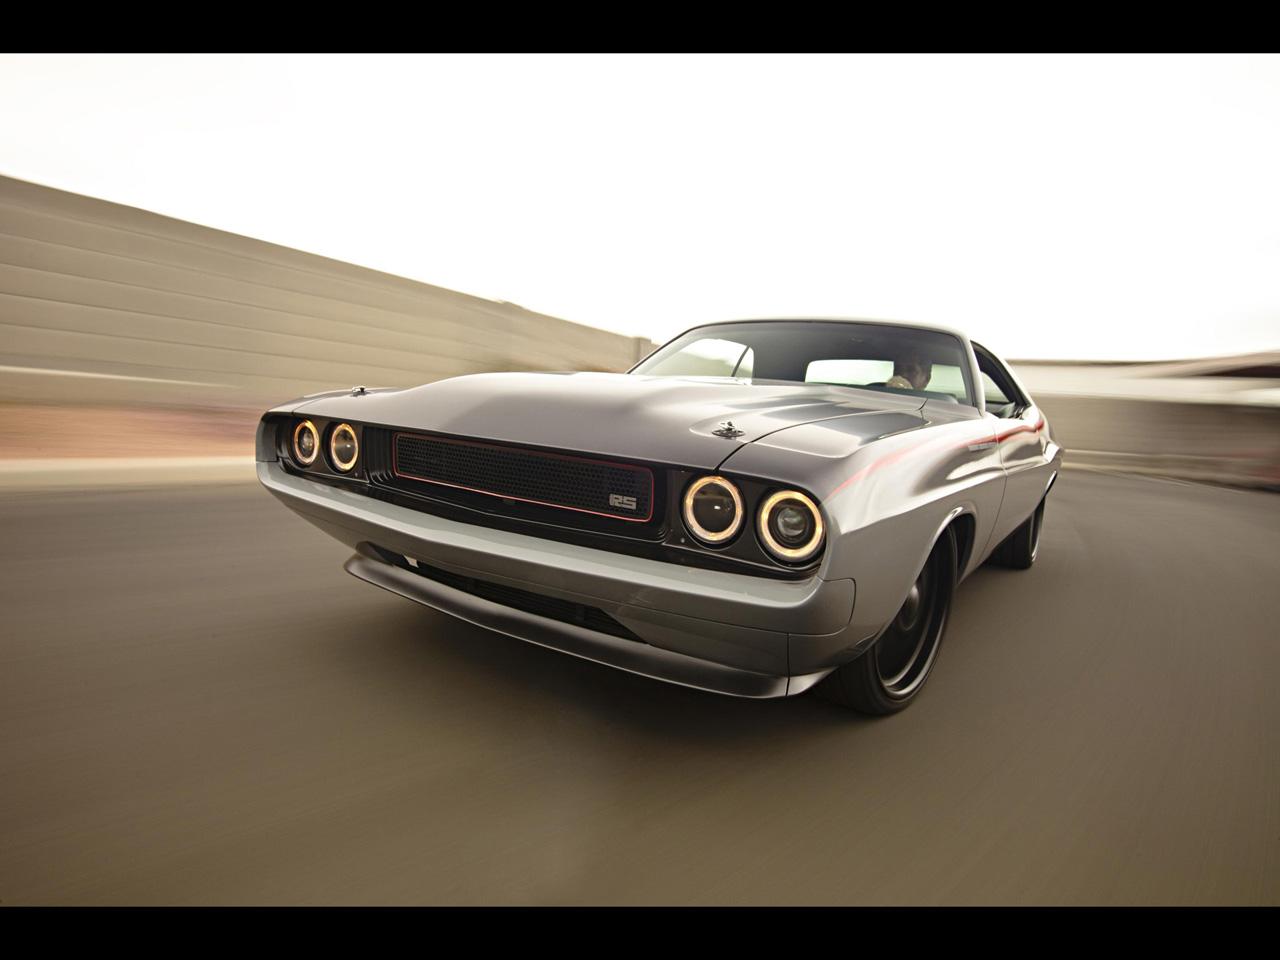 1970 Dodge Challenger 2 Wallpapers 1280x960